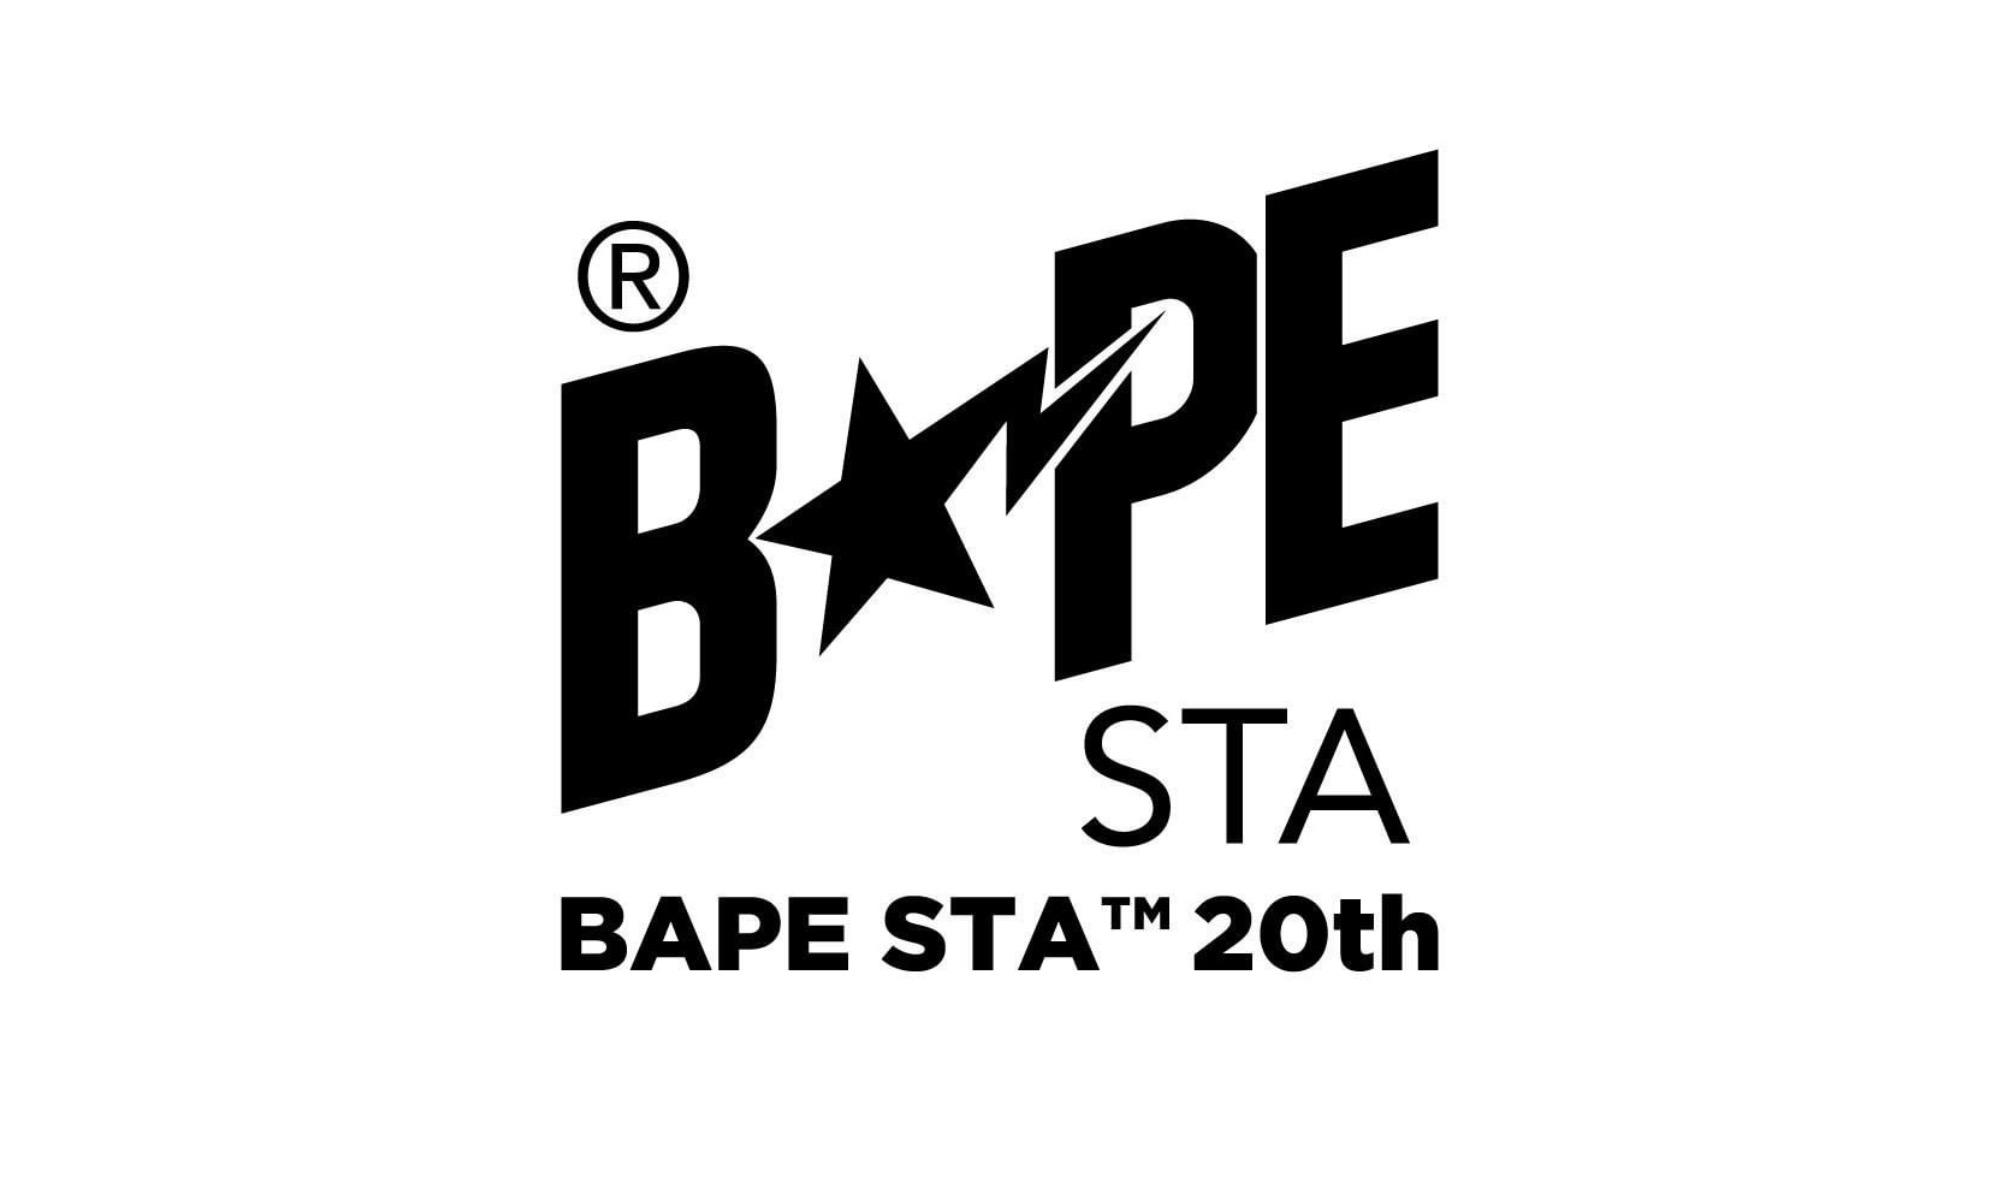 BAPESTA 诞生 20 周年惊喜预告来袭